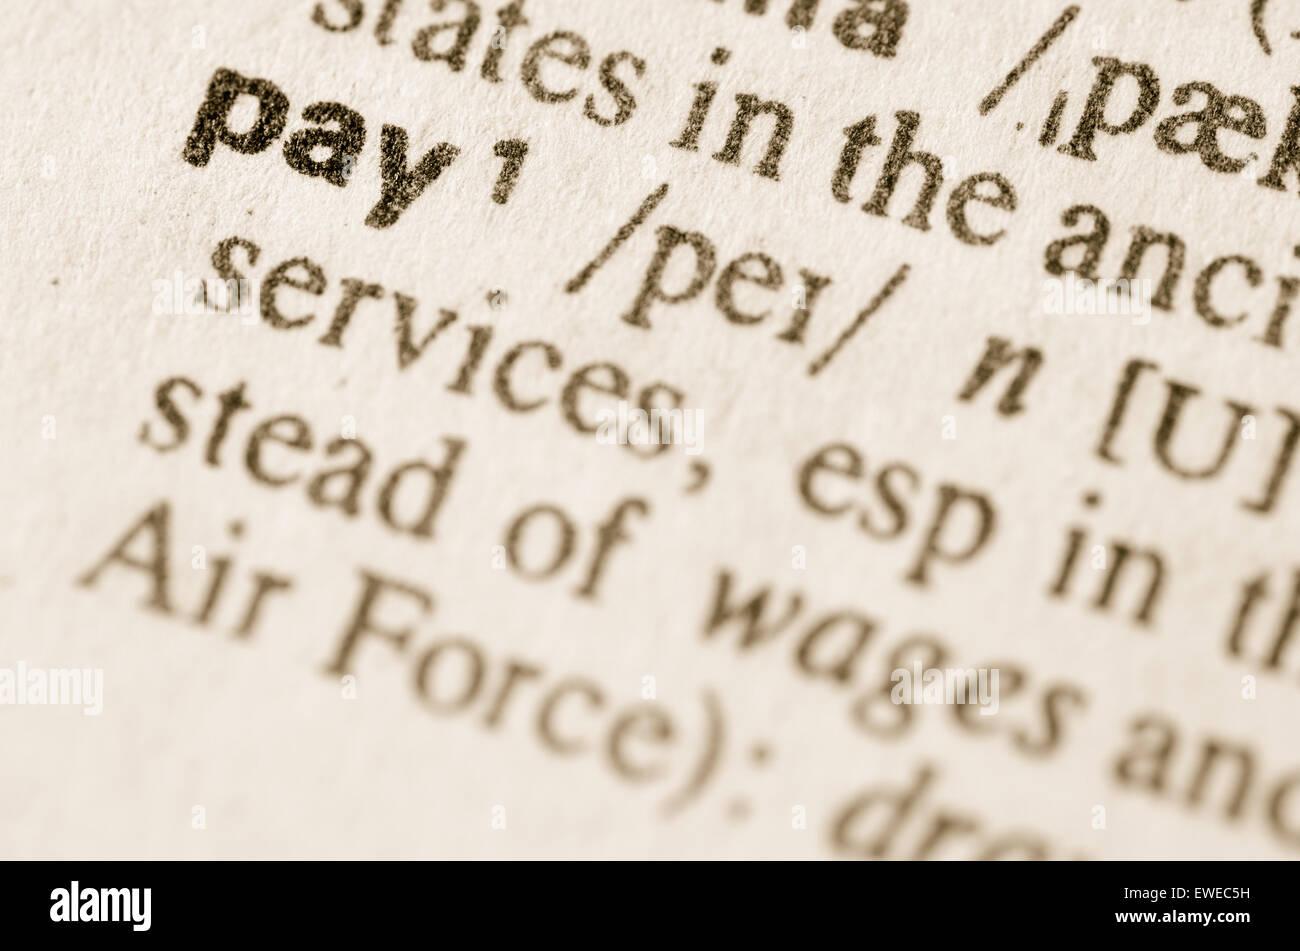 Definición de la palabra pagar en el diccionario. Foto de stock